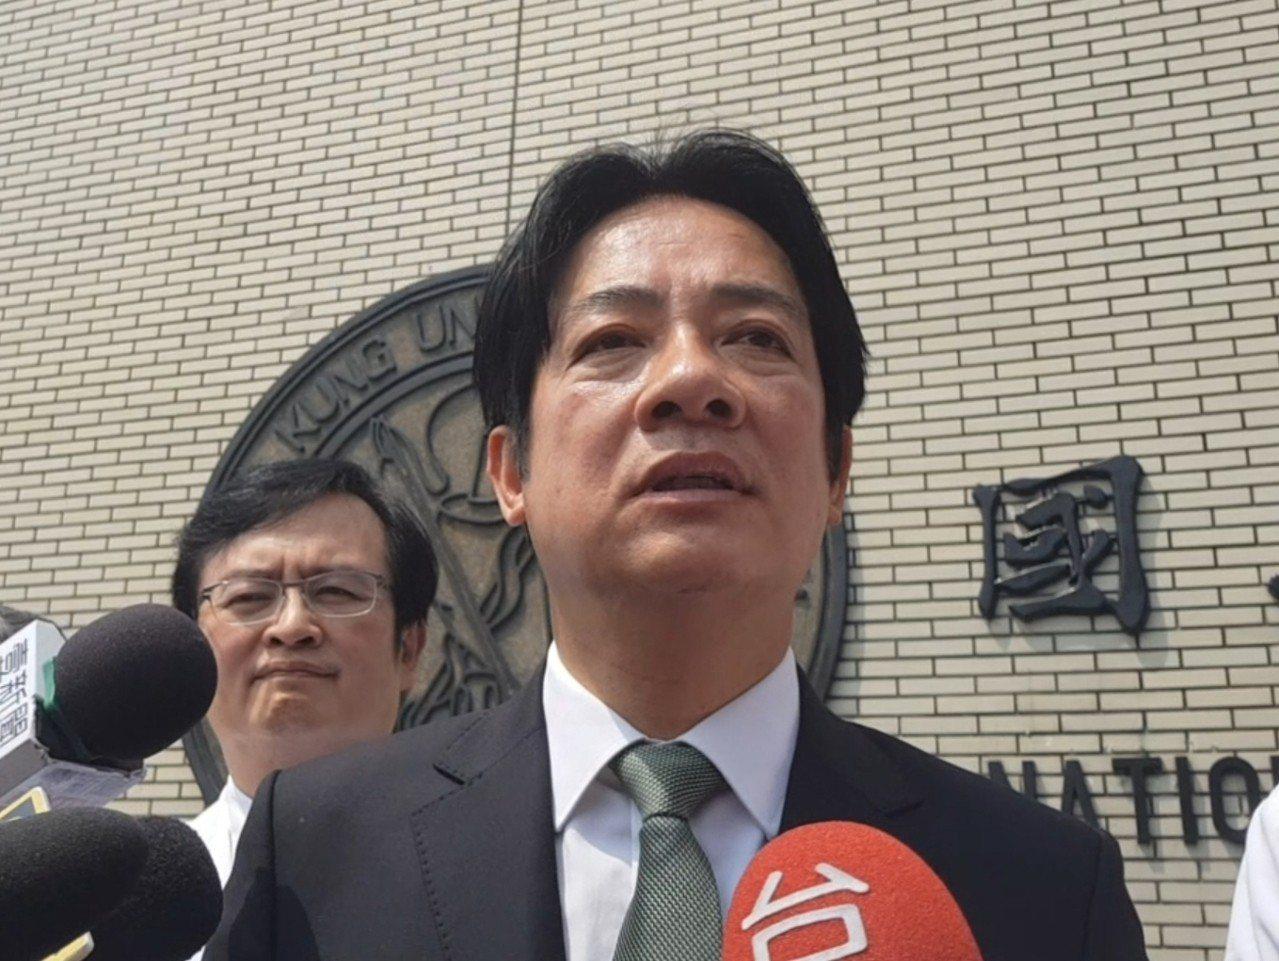 賴清德今天表示沒說過特赦阿扁是做人的道理。記者修瑞瑩/攝影